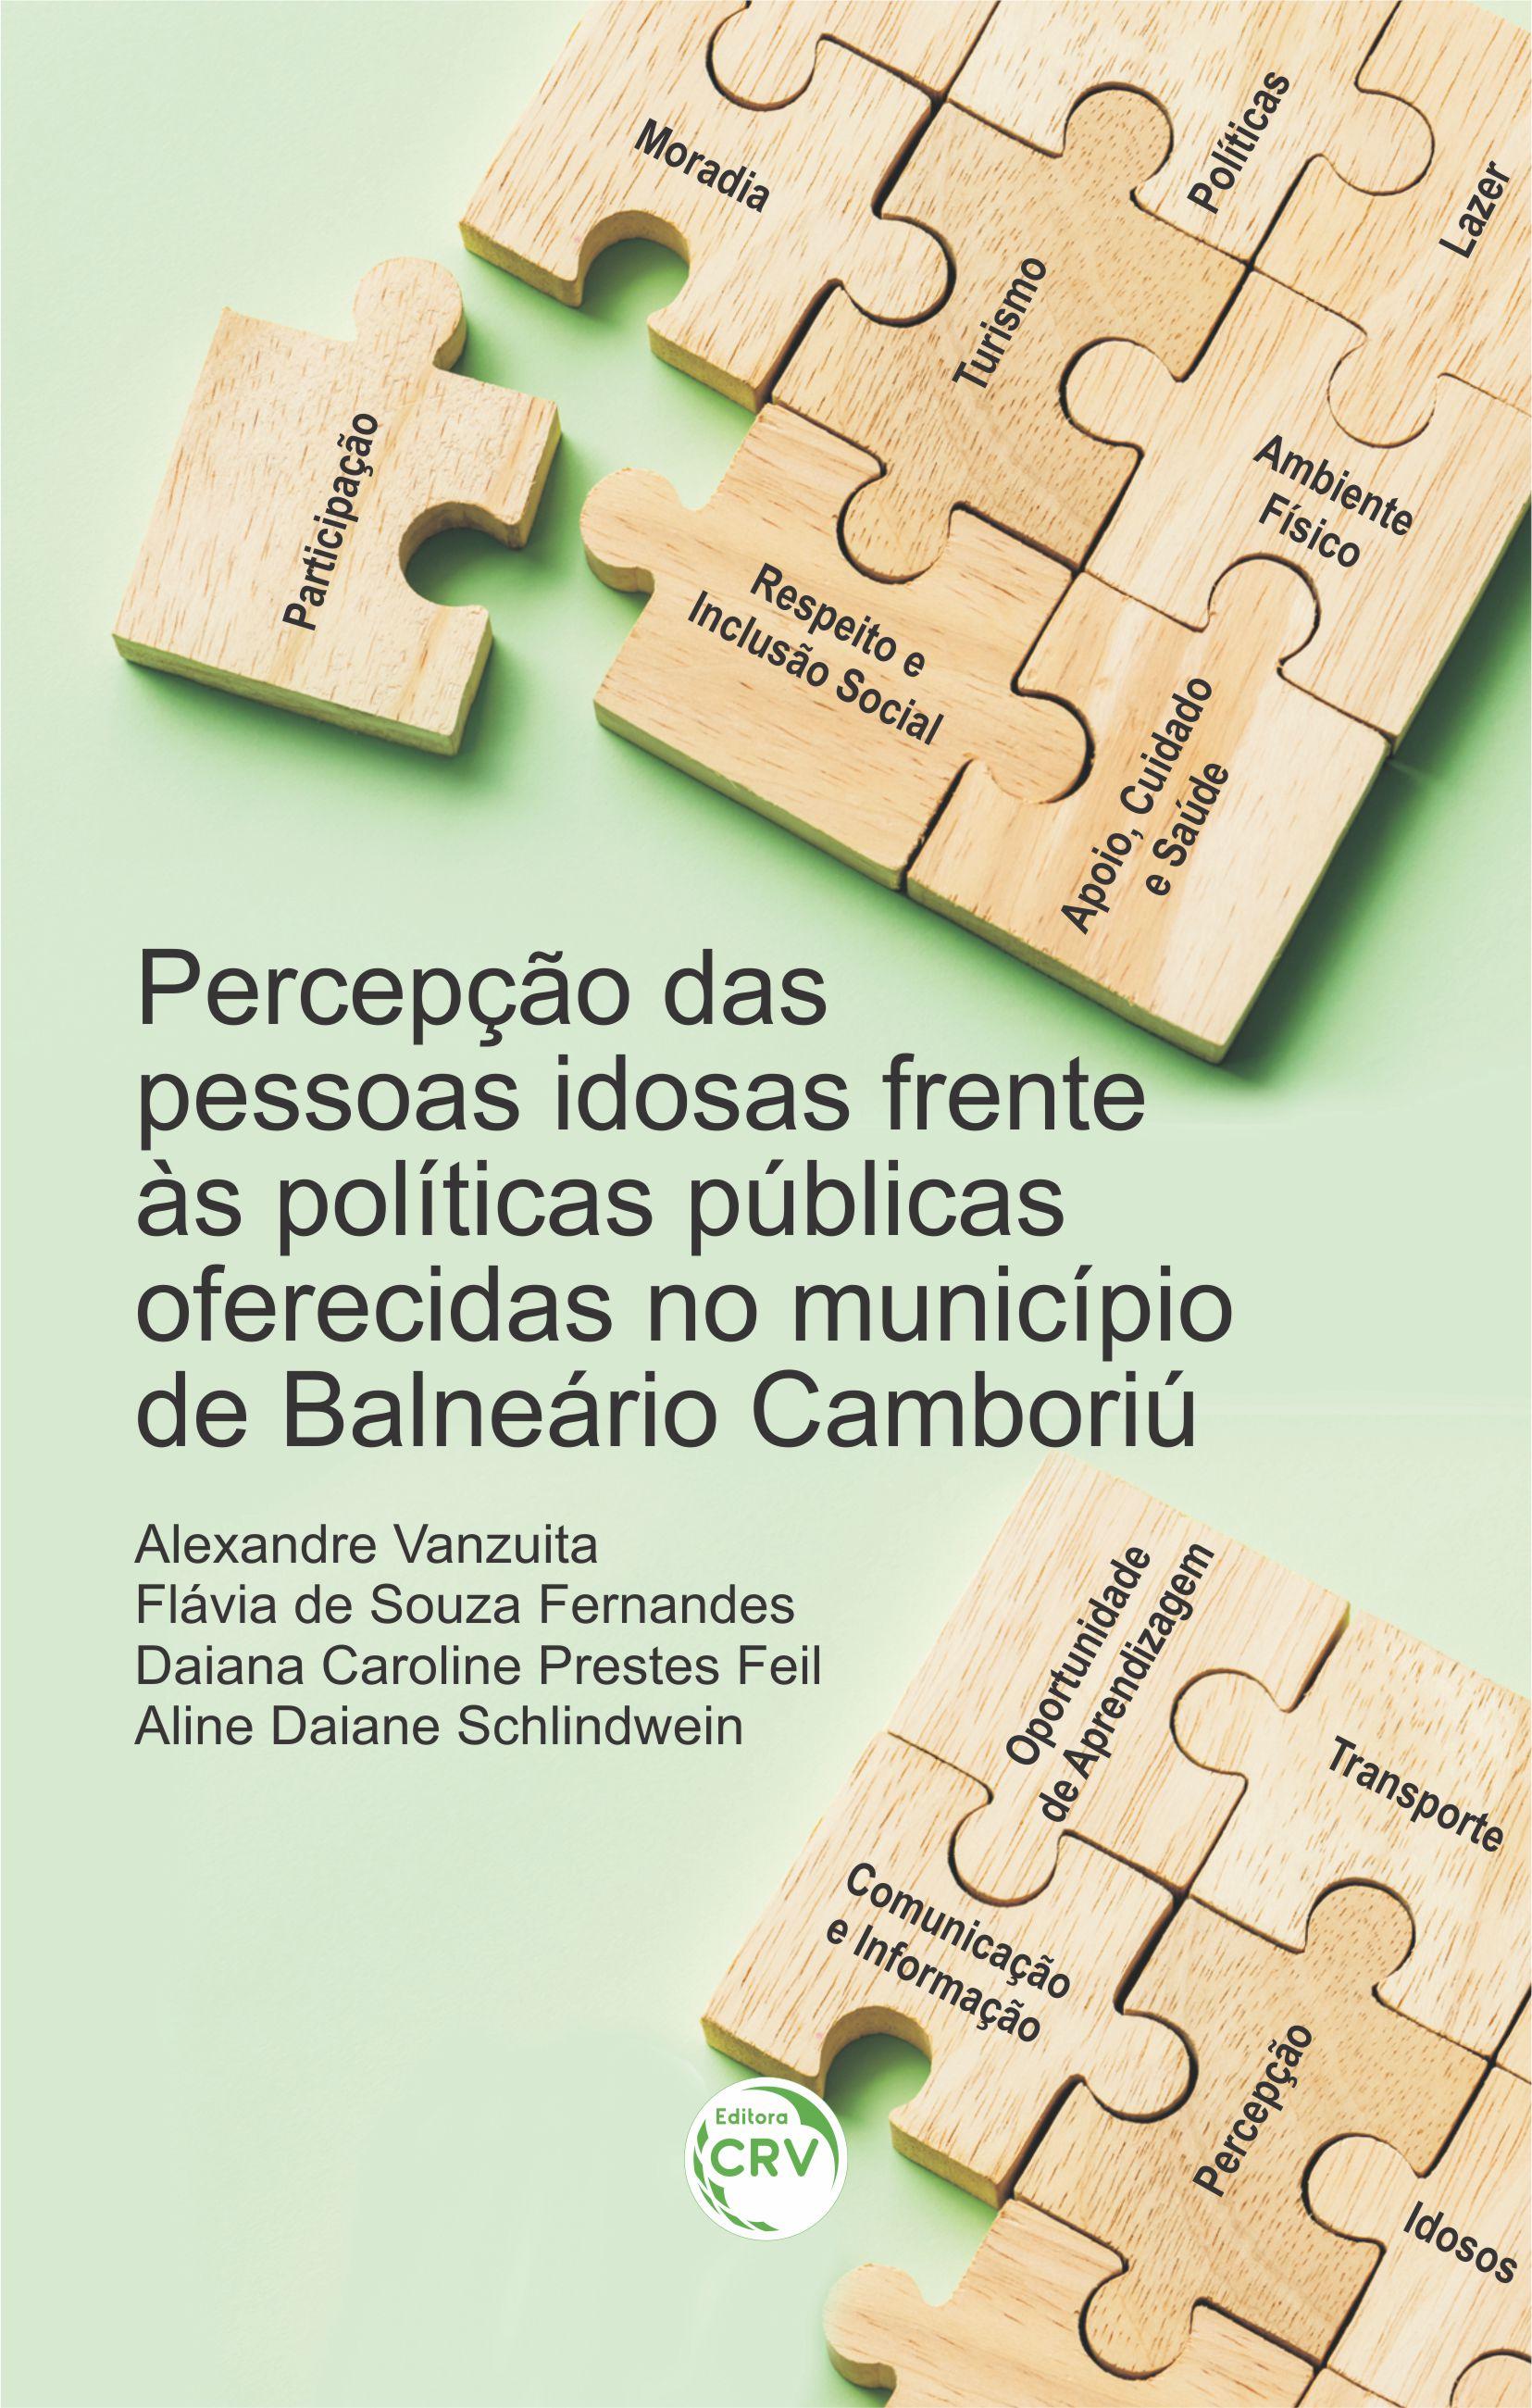 Capa do livro: PERCEPÇÃO DAS PESSOAS IDOSAS FRENTE ÀS POLÍTICAS PÚBLICAS OFERECIDAS NO MUNICÍPIO DE BALNEÁRIO CAMBORIÚ